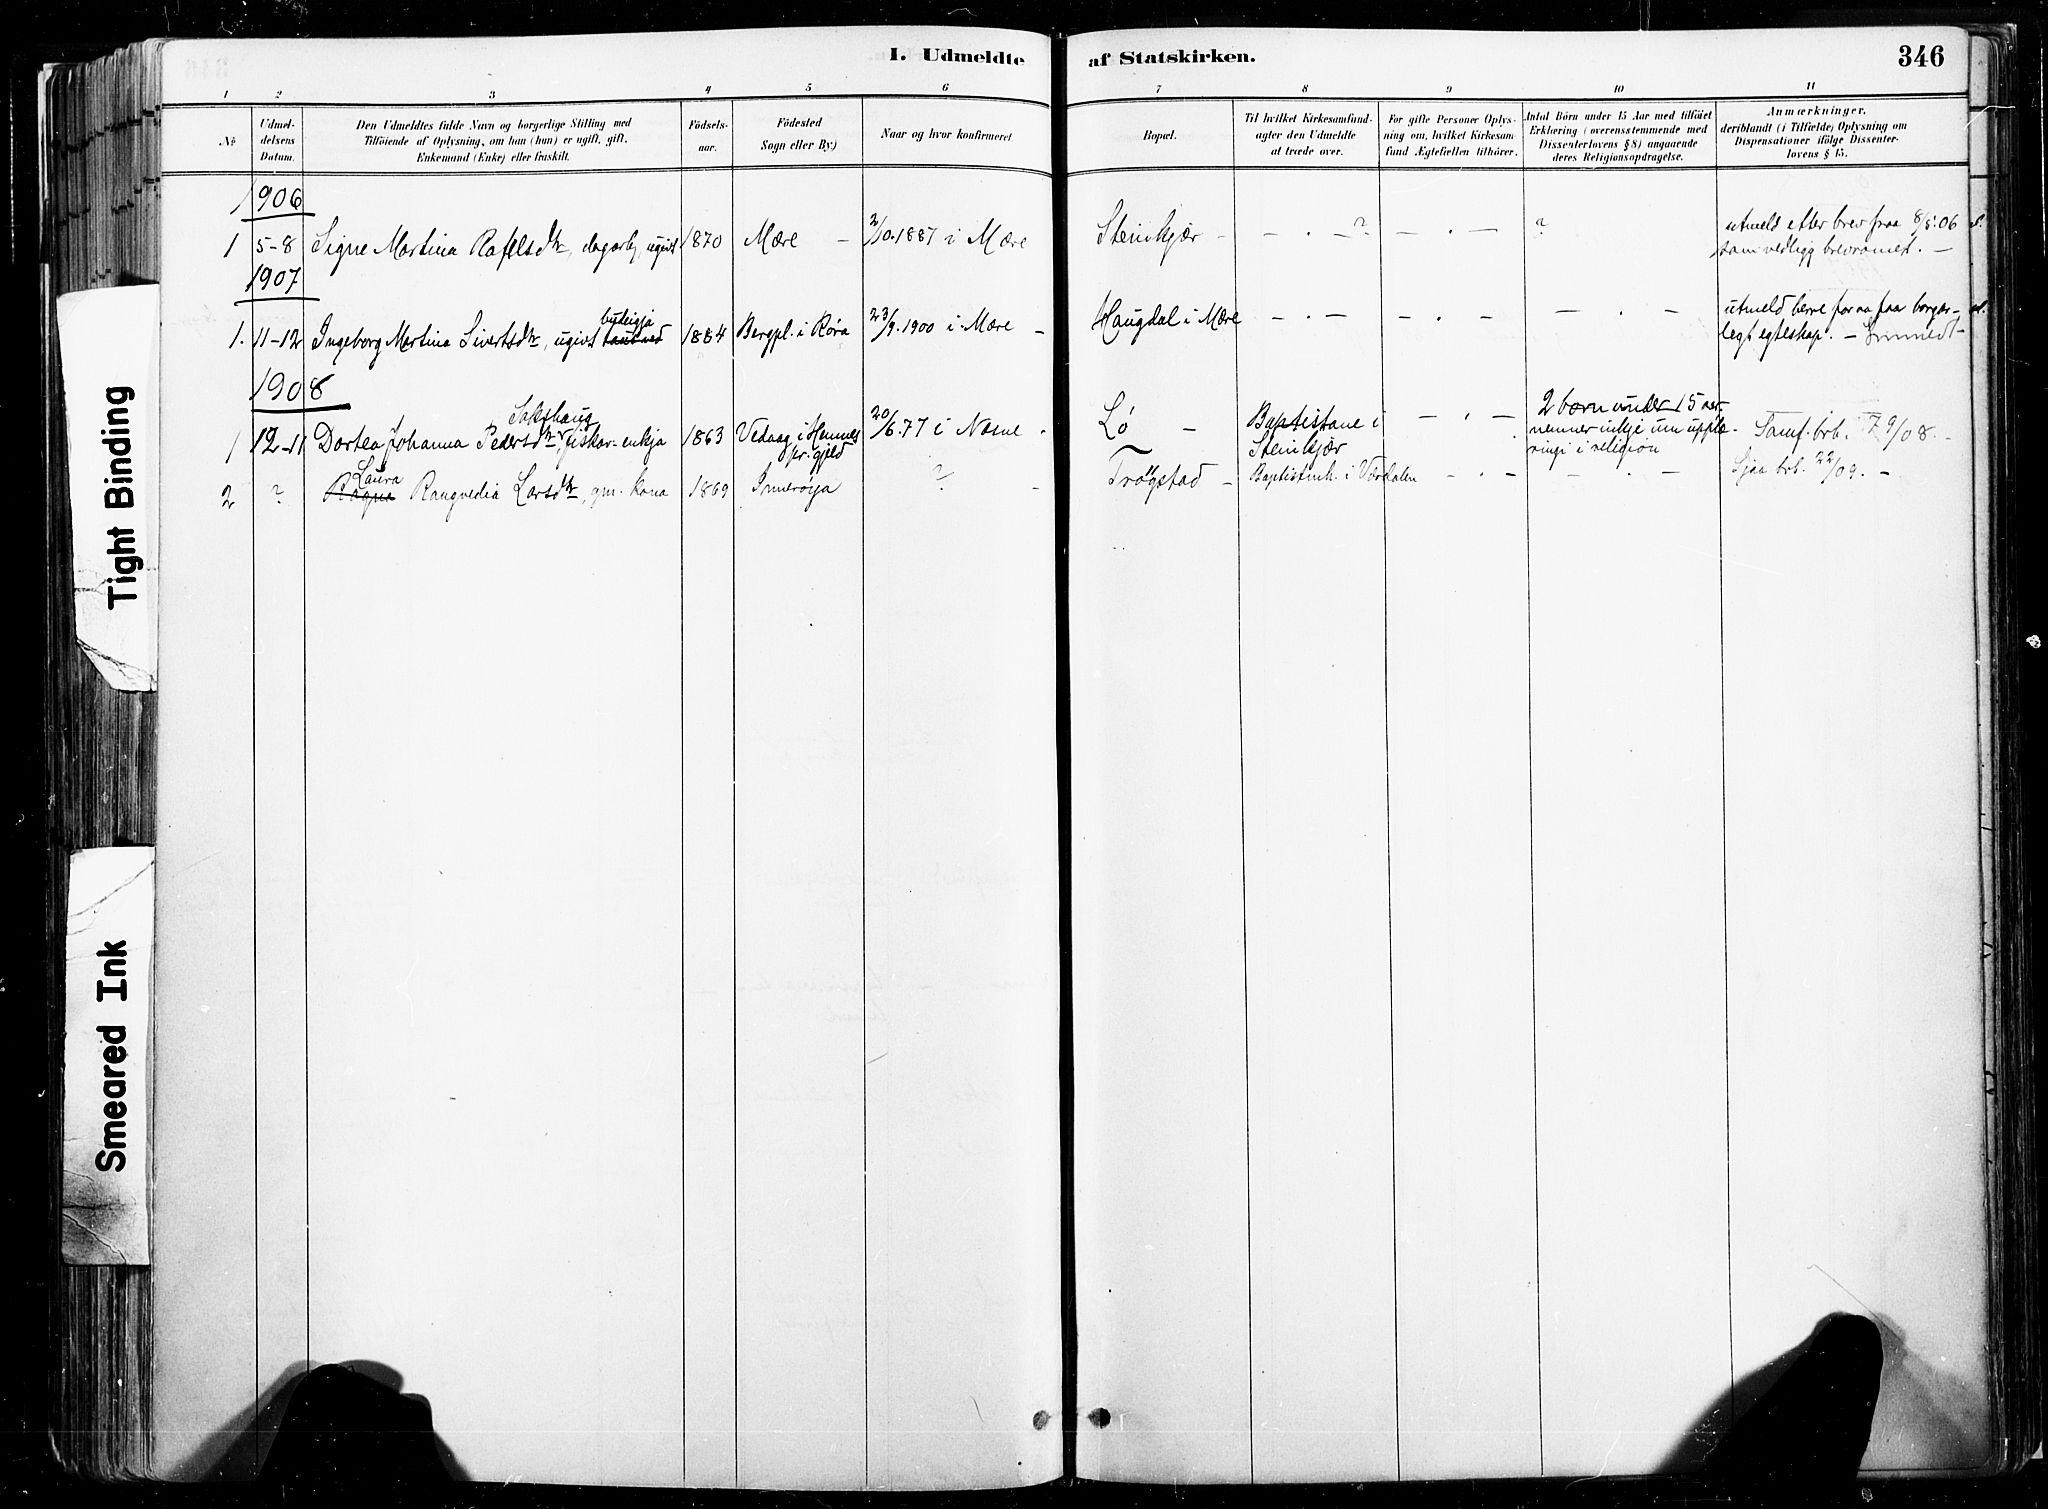 SAT, Ministerialprotokoller, klokkerbøker og fødselsregistre - Nord-Trøndelag, 735/L0351: Ministerialbok nr. 735A10, 1884-1908, s. 346